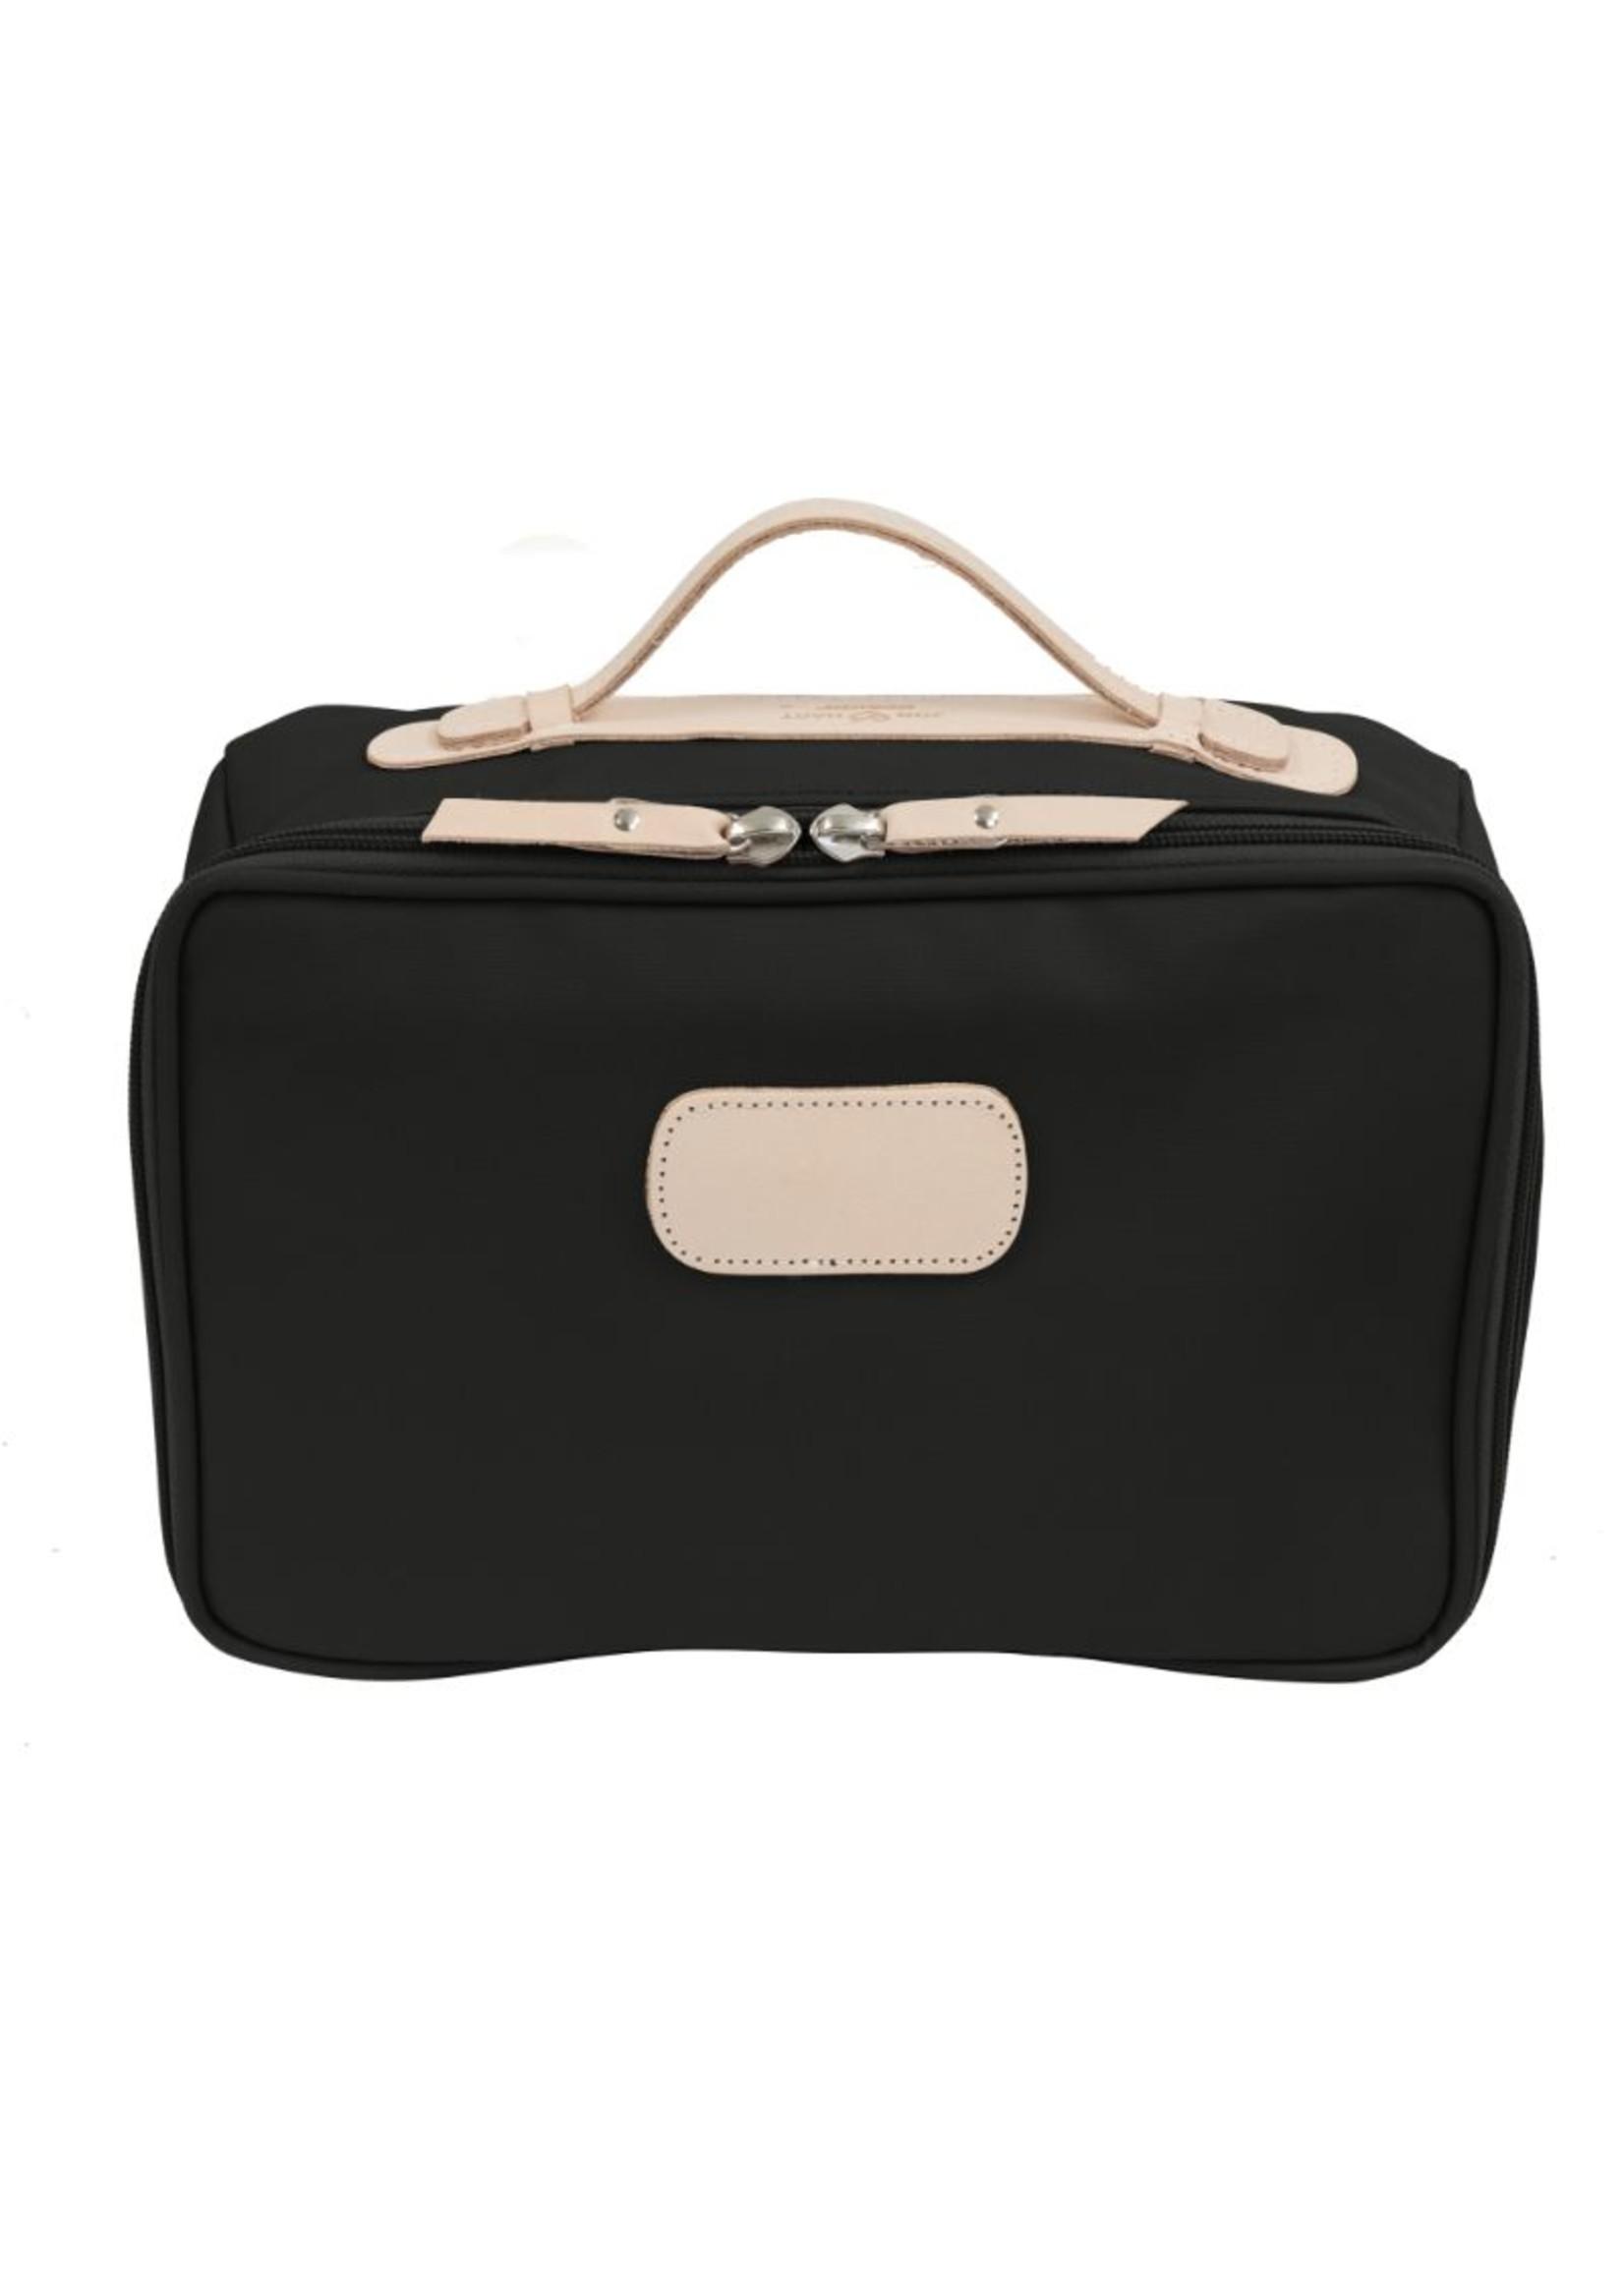 Jon Hart Travel Kit, Large